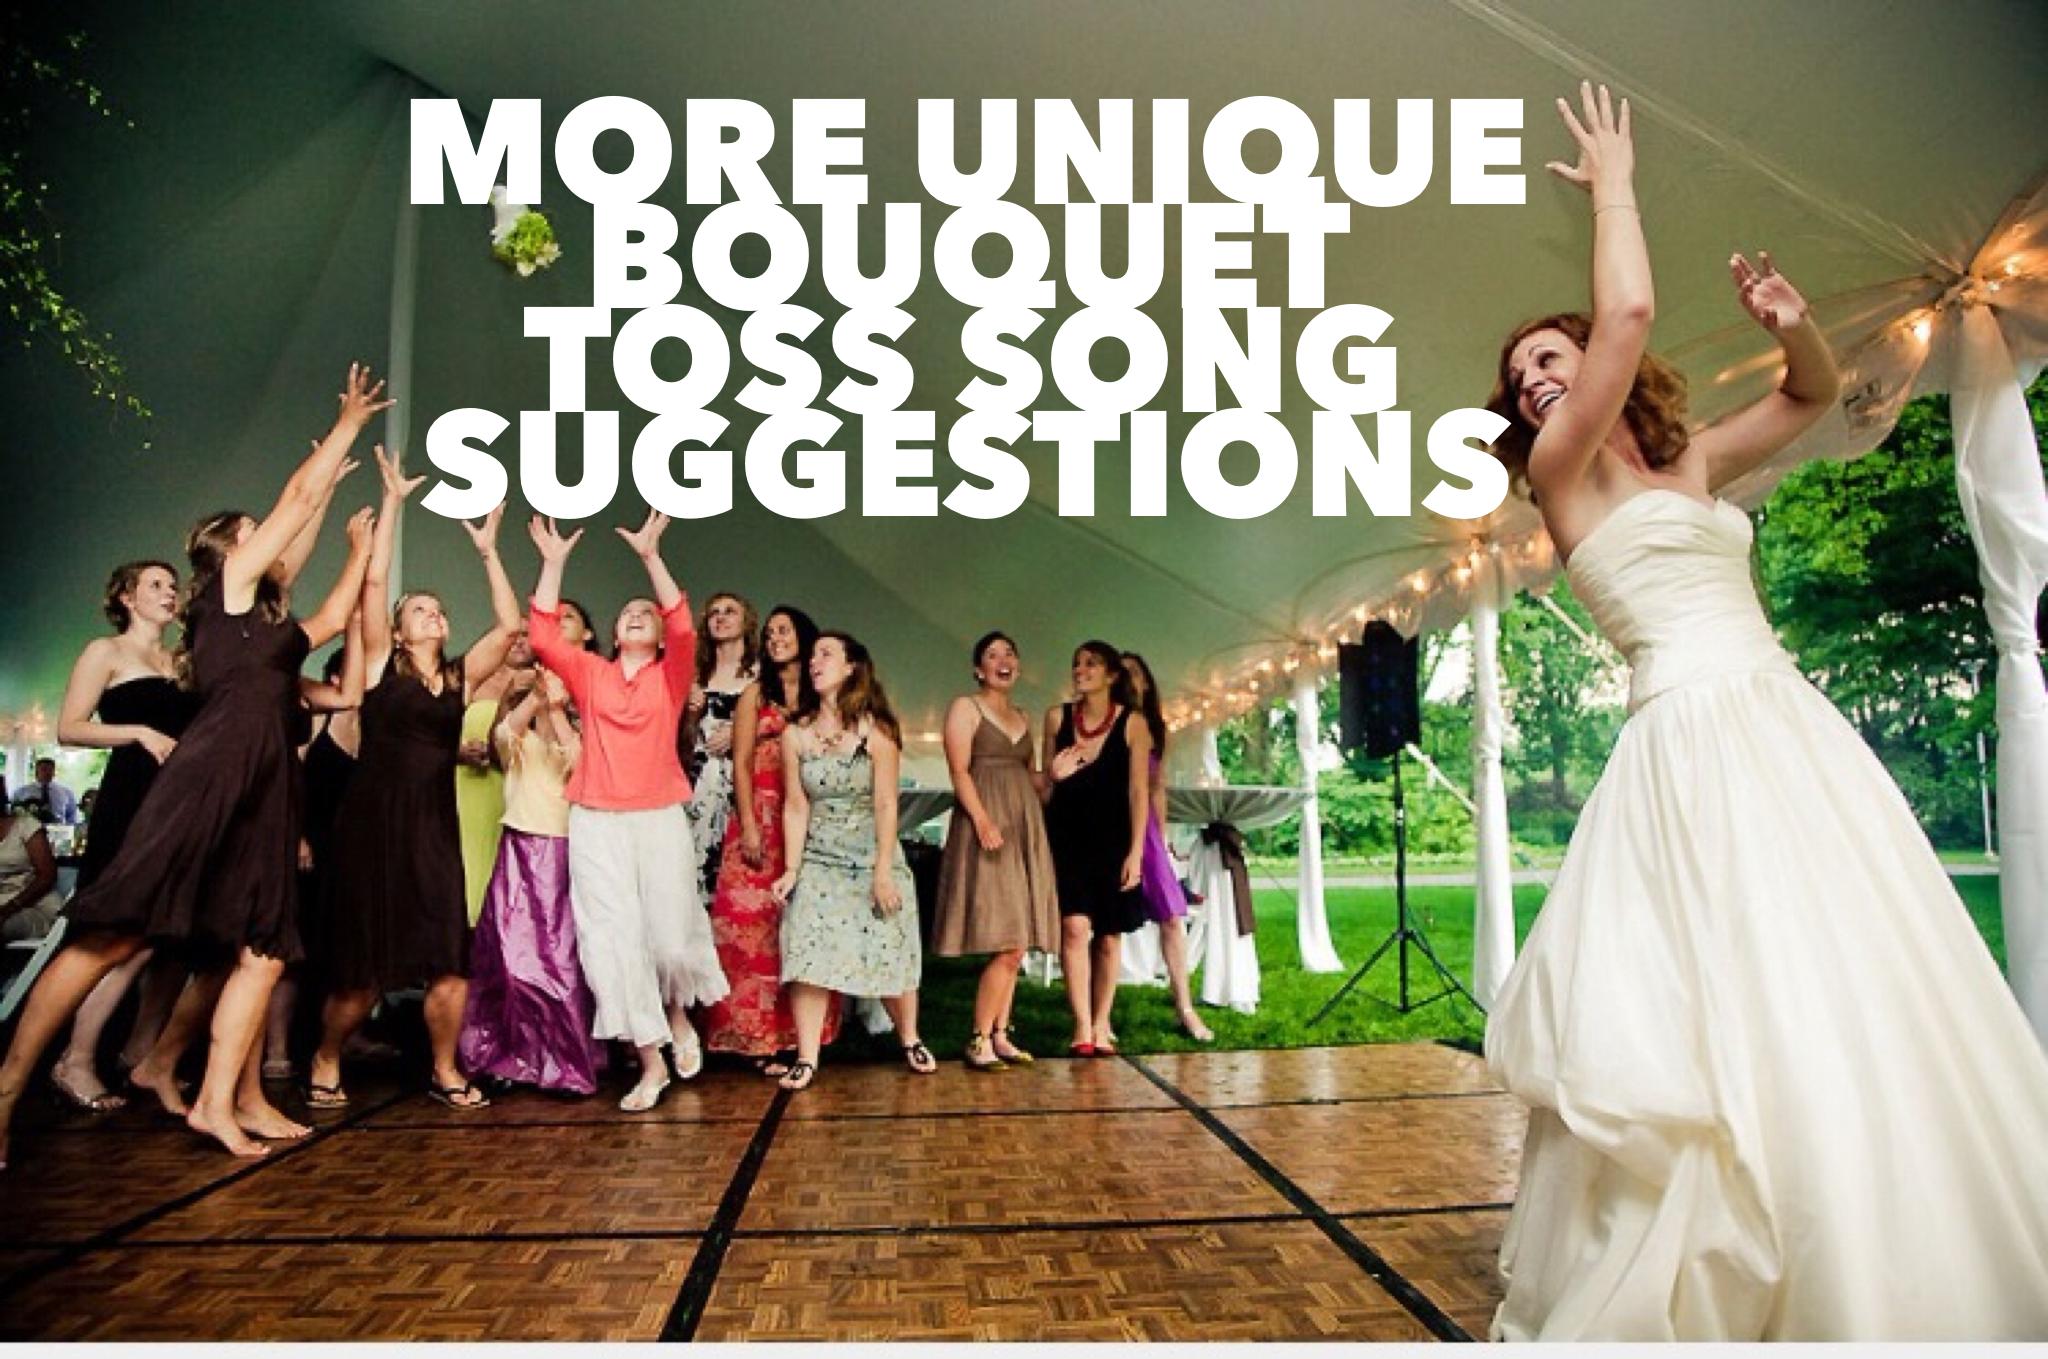 More Unique Bouquet Toss Songs Suggestions - Bouquet Toss PNG